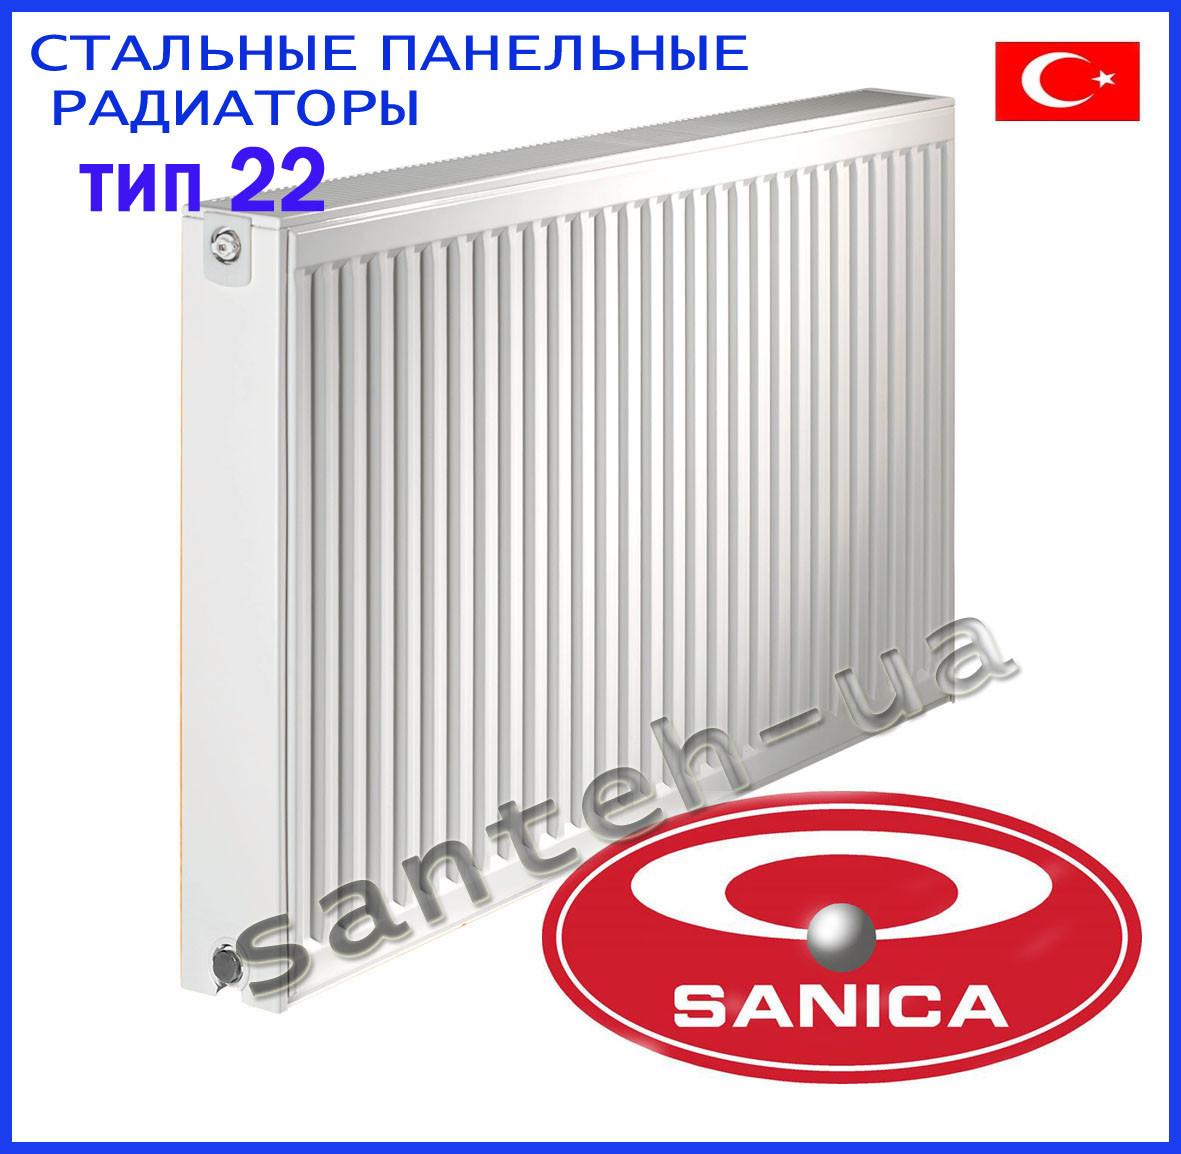 Сталеві панельні радіатори Sanica тип 22 500х1600